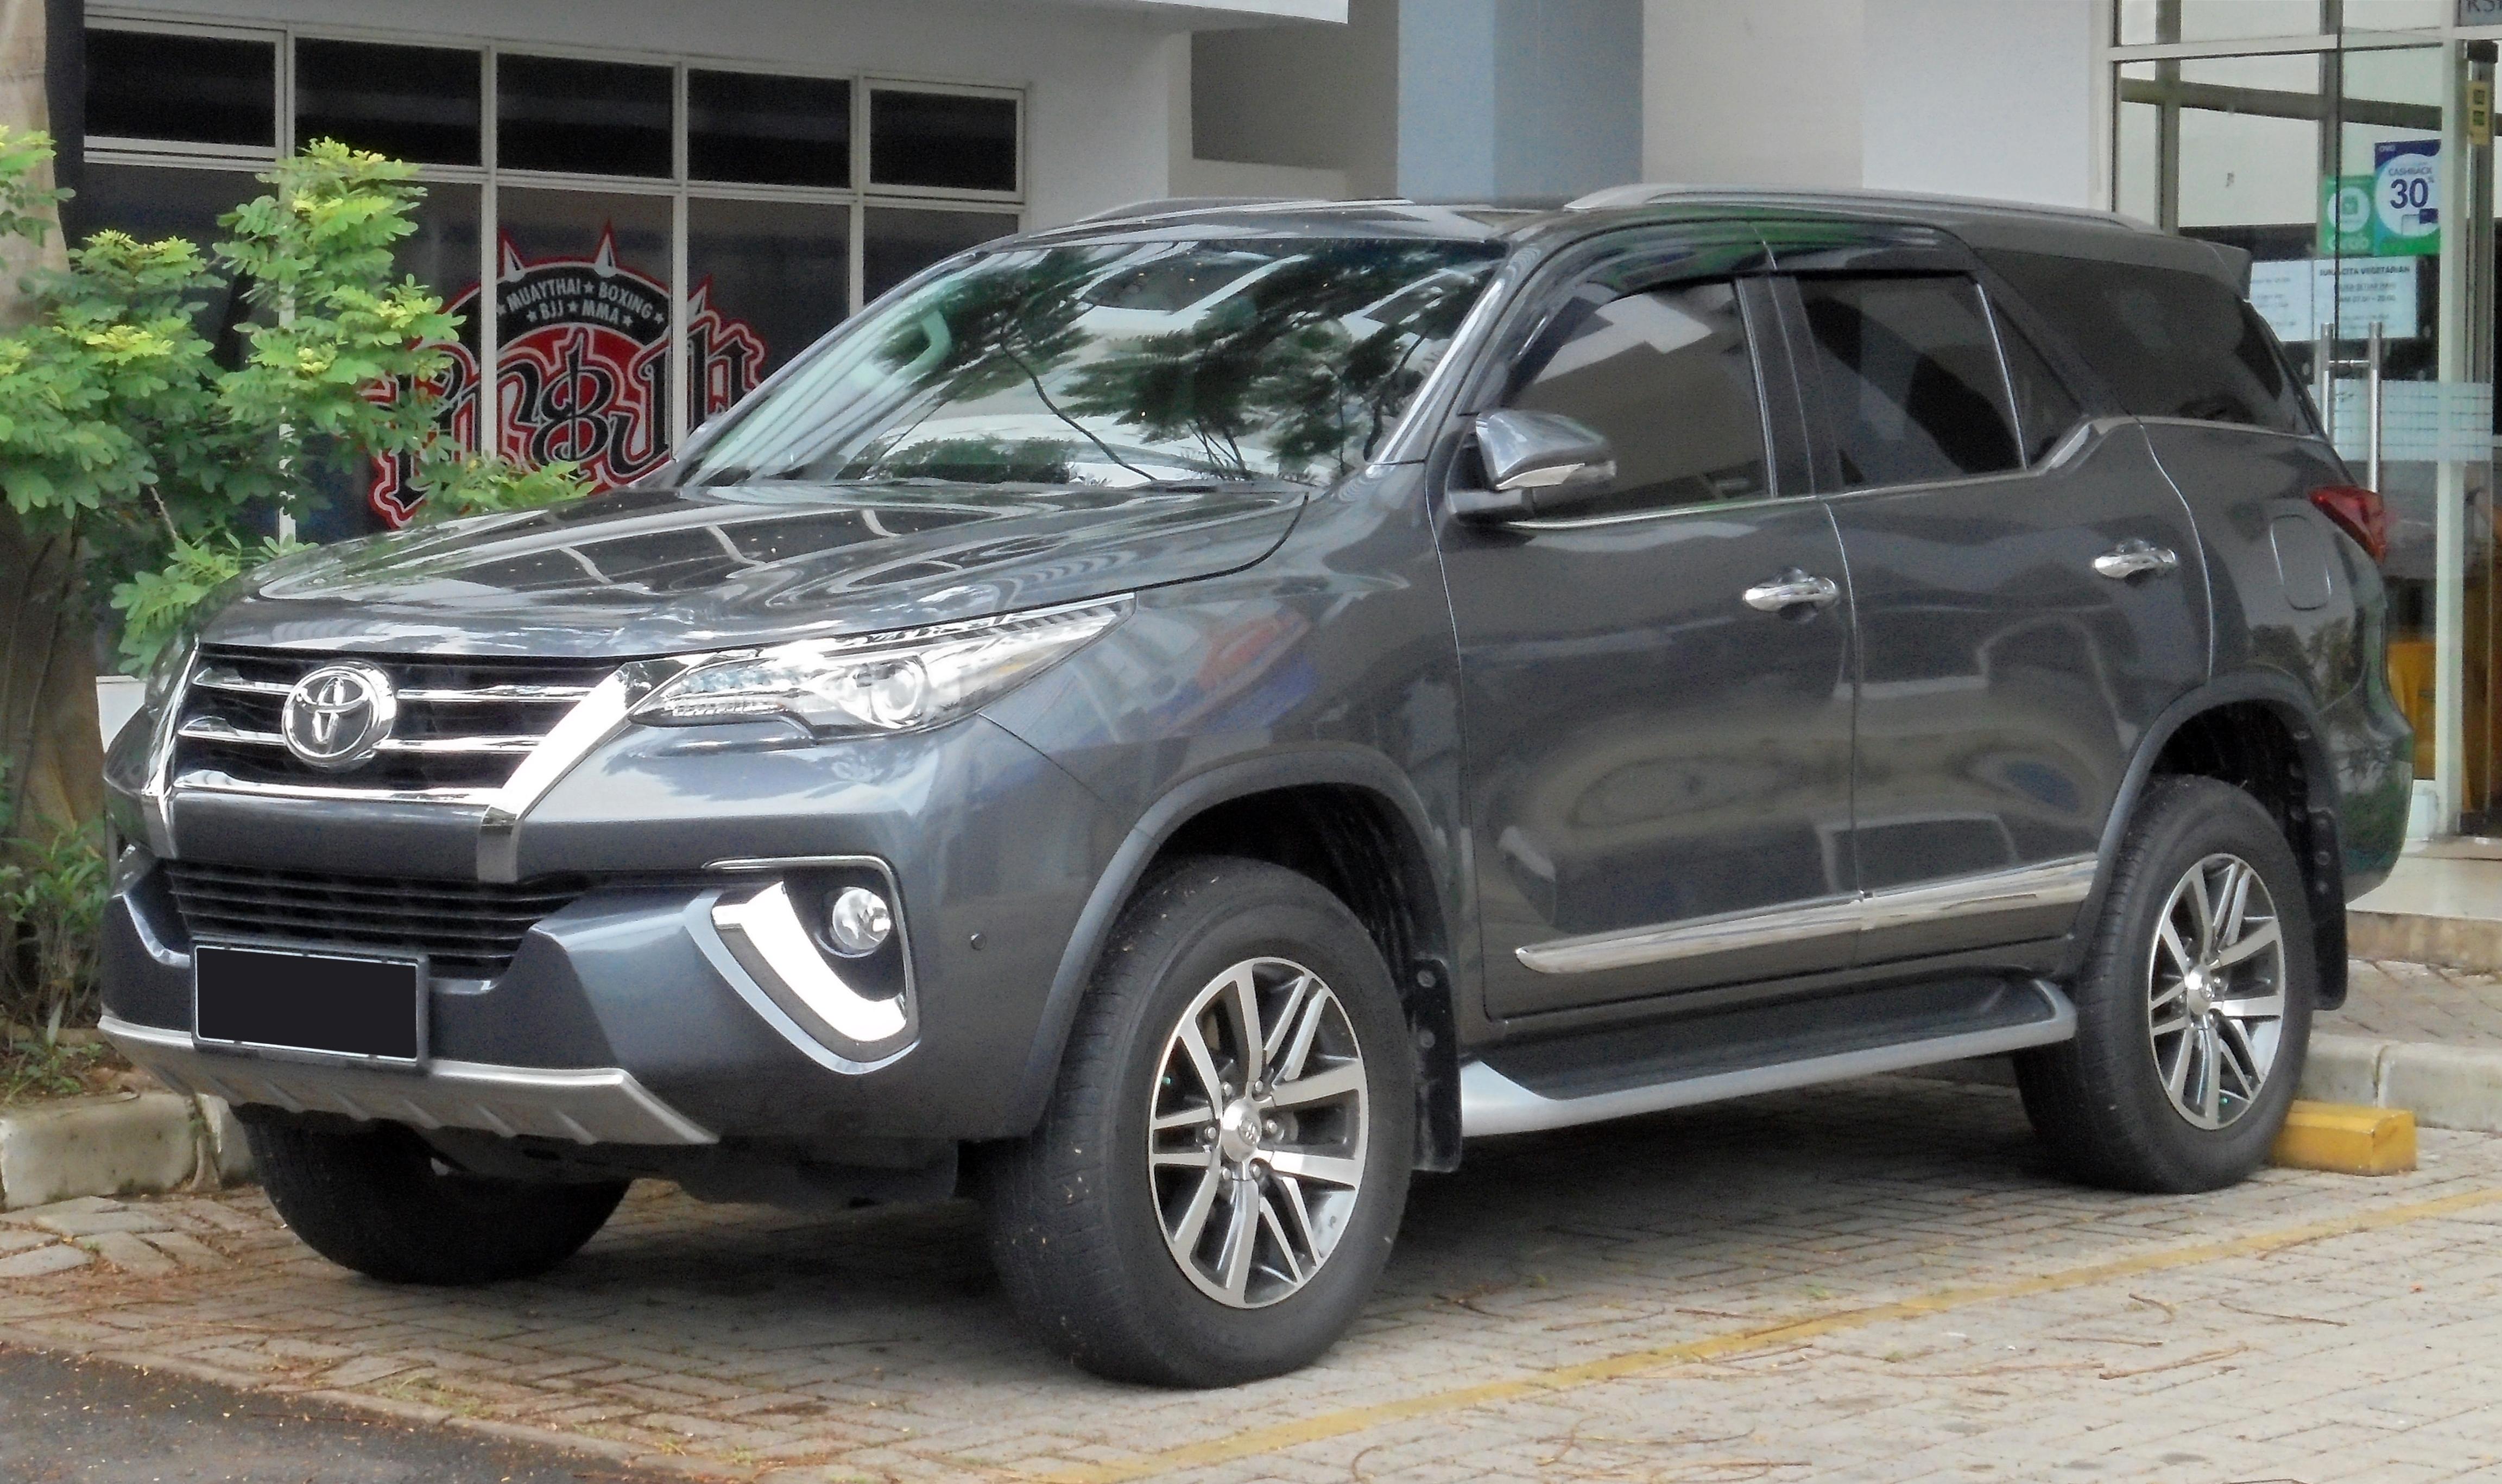 Kelebihan Kekurangan Toyota Fortuner Vrz Murah Berkualitas